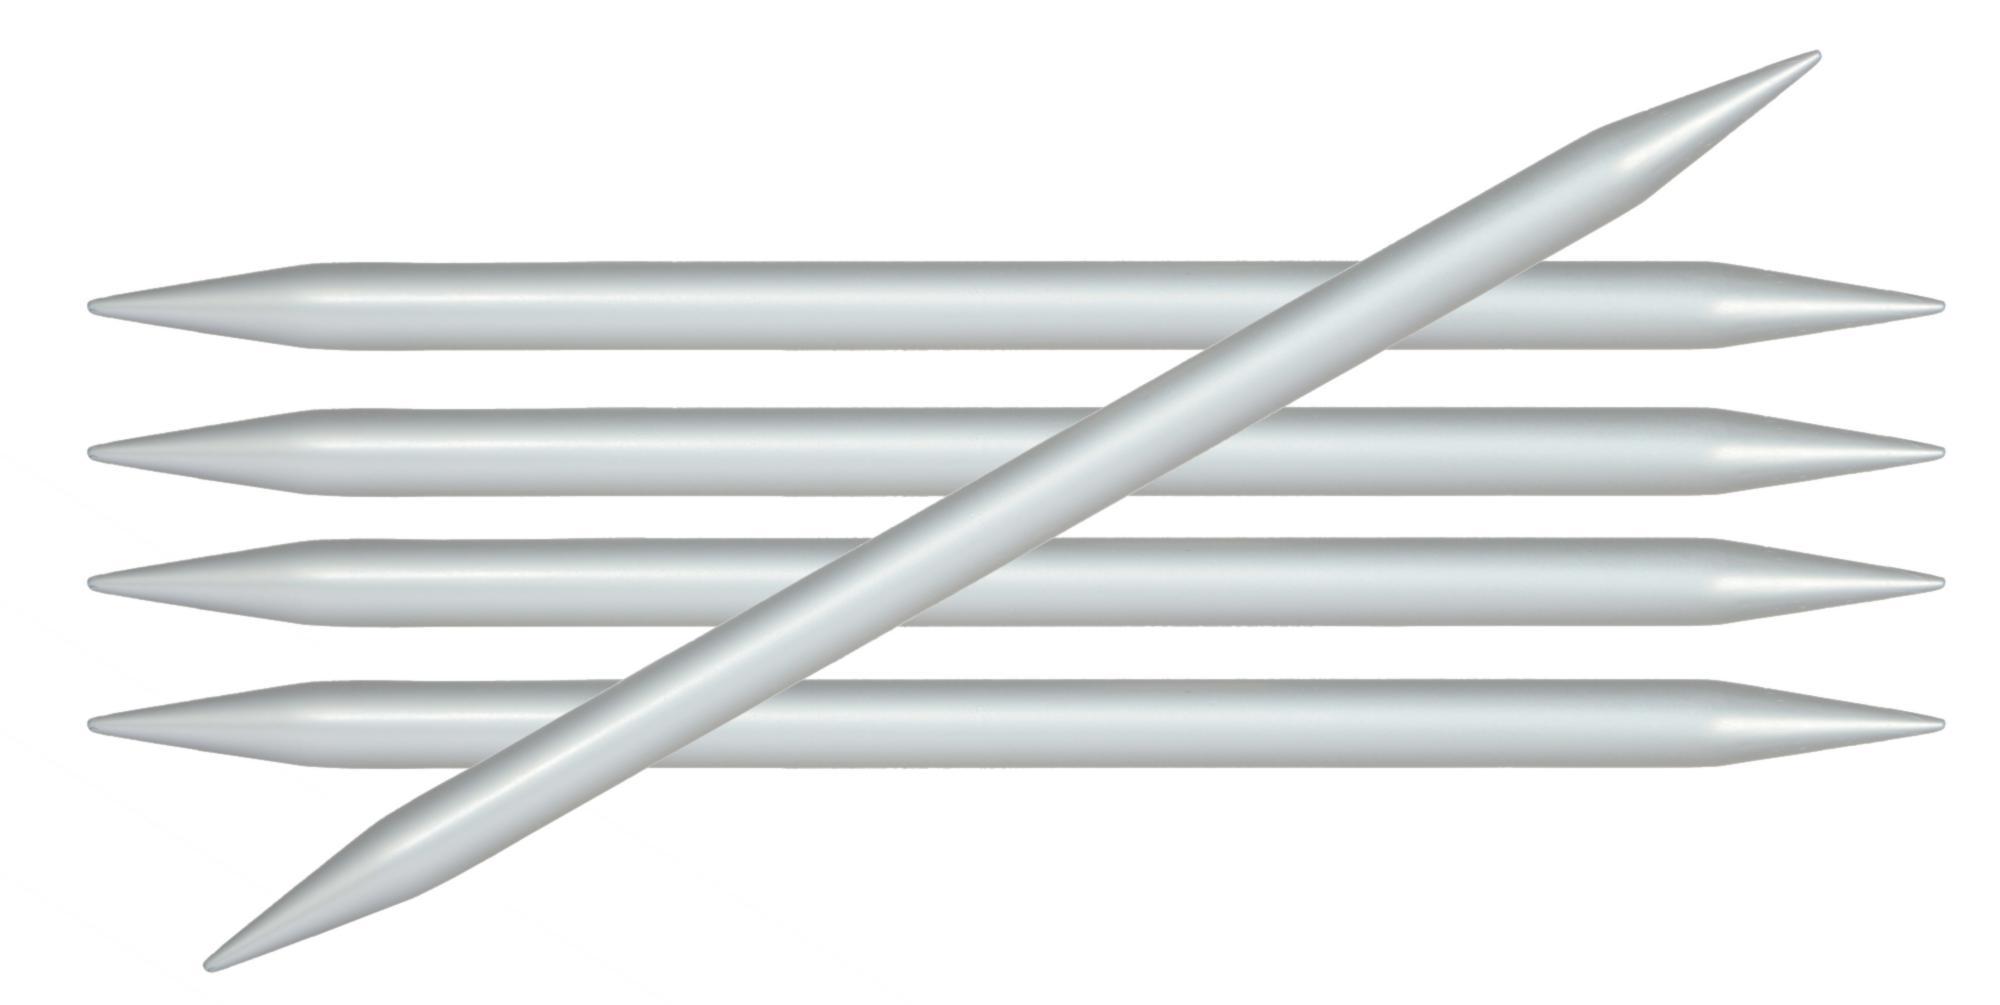 Спицы носочные 20 см Basix Aluminium KnitPro, 45126, 6.00 мм